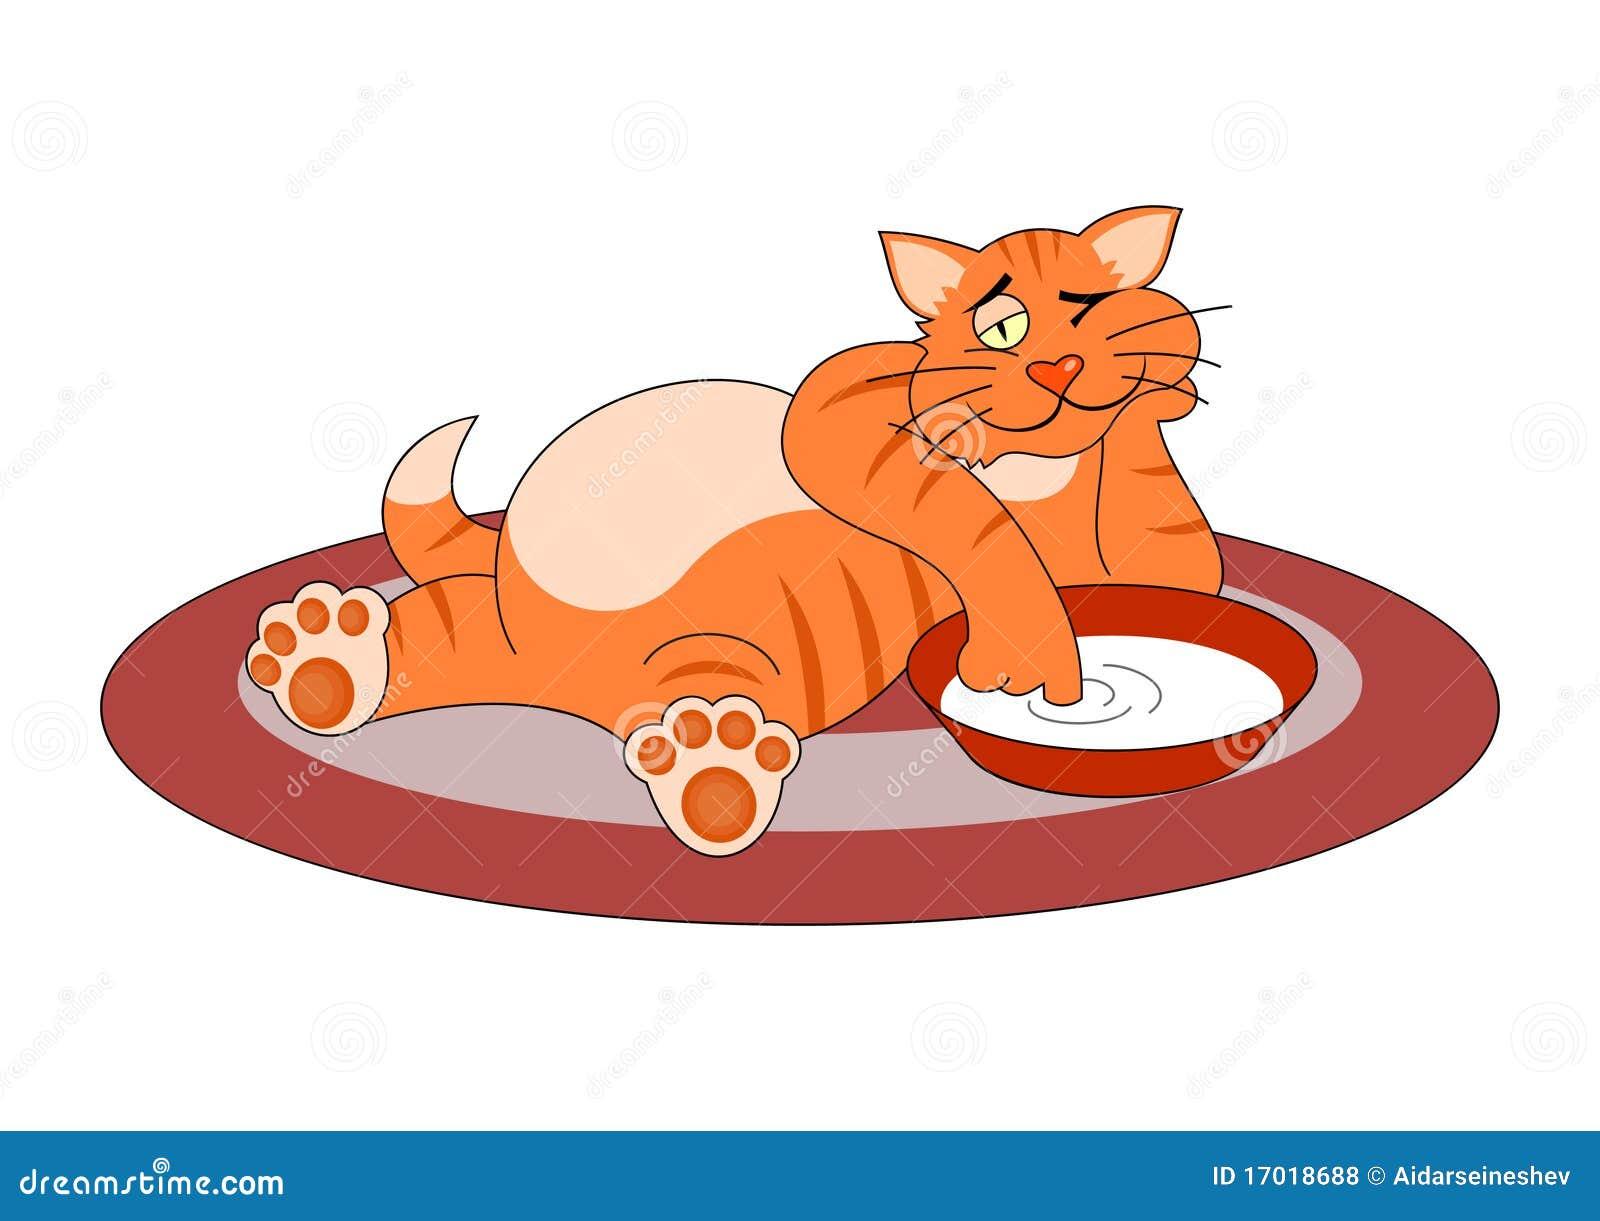 все картинка толстая кошка сидит на коврике нас